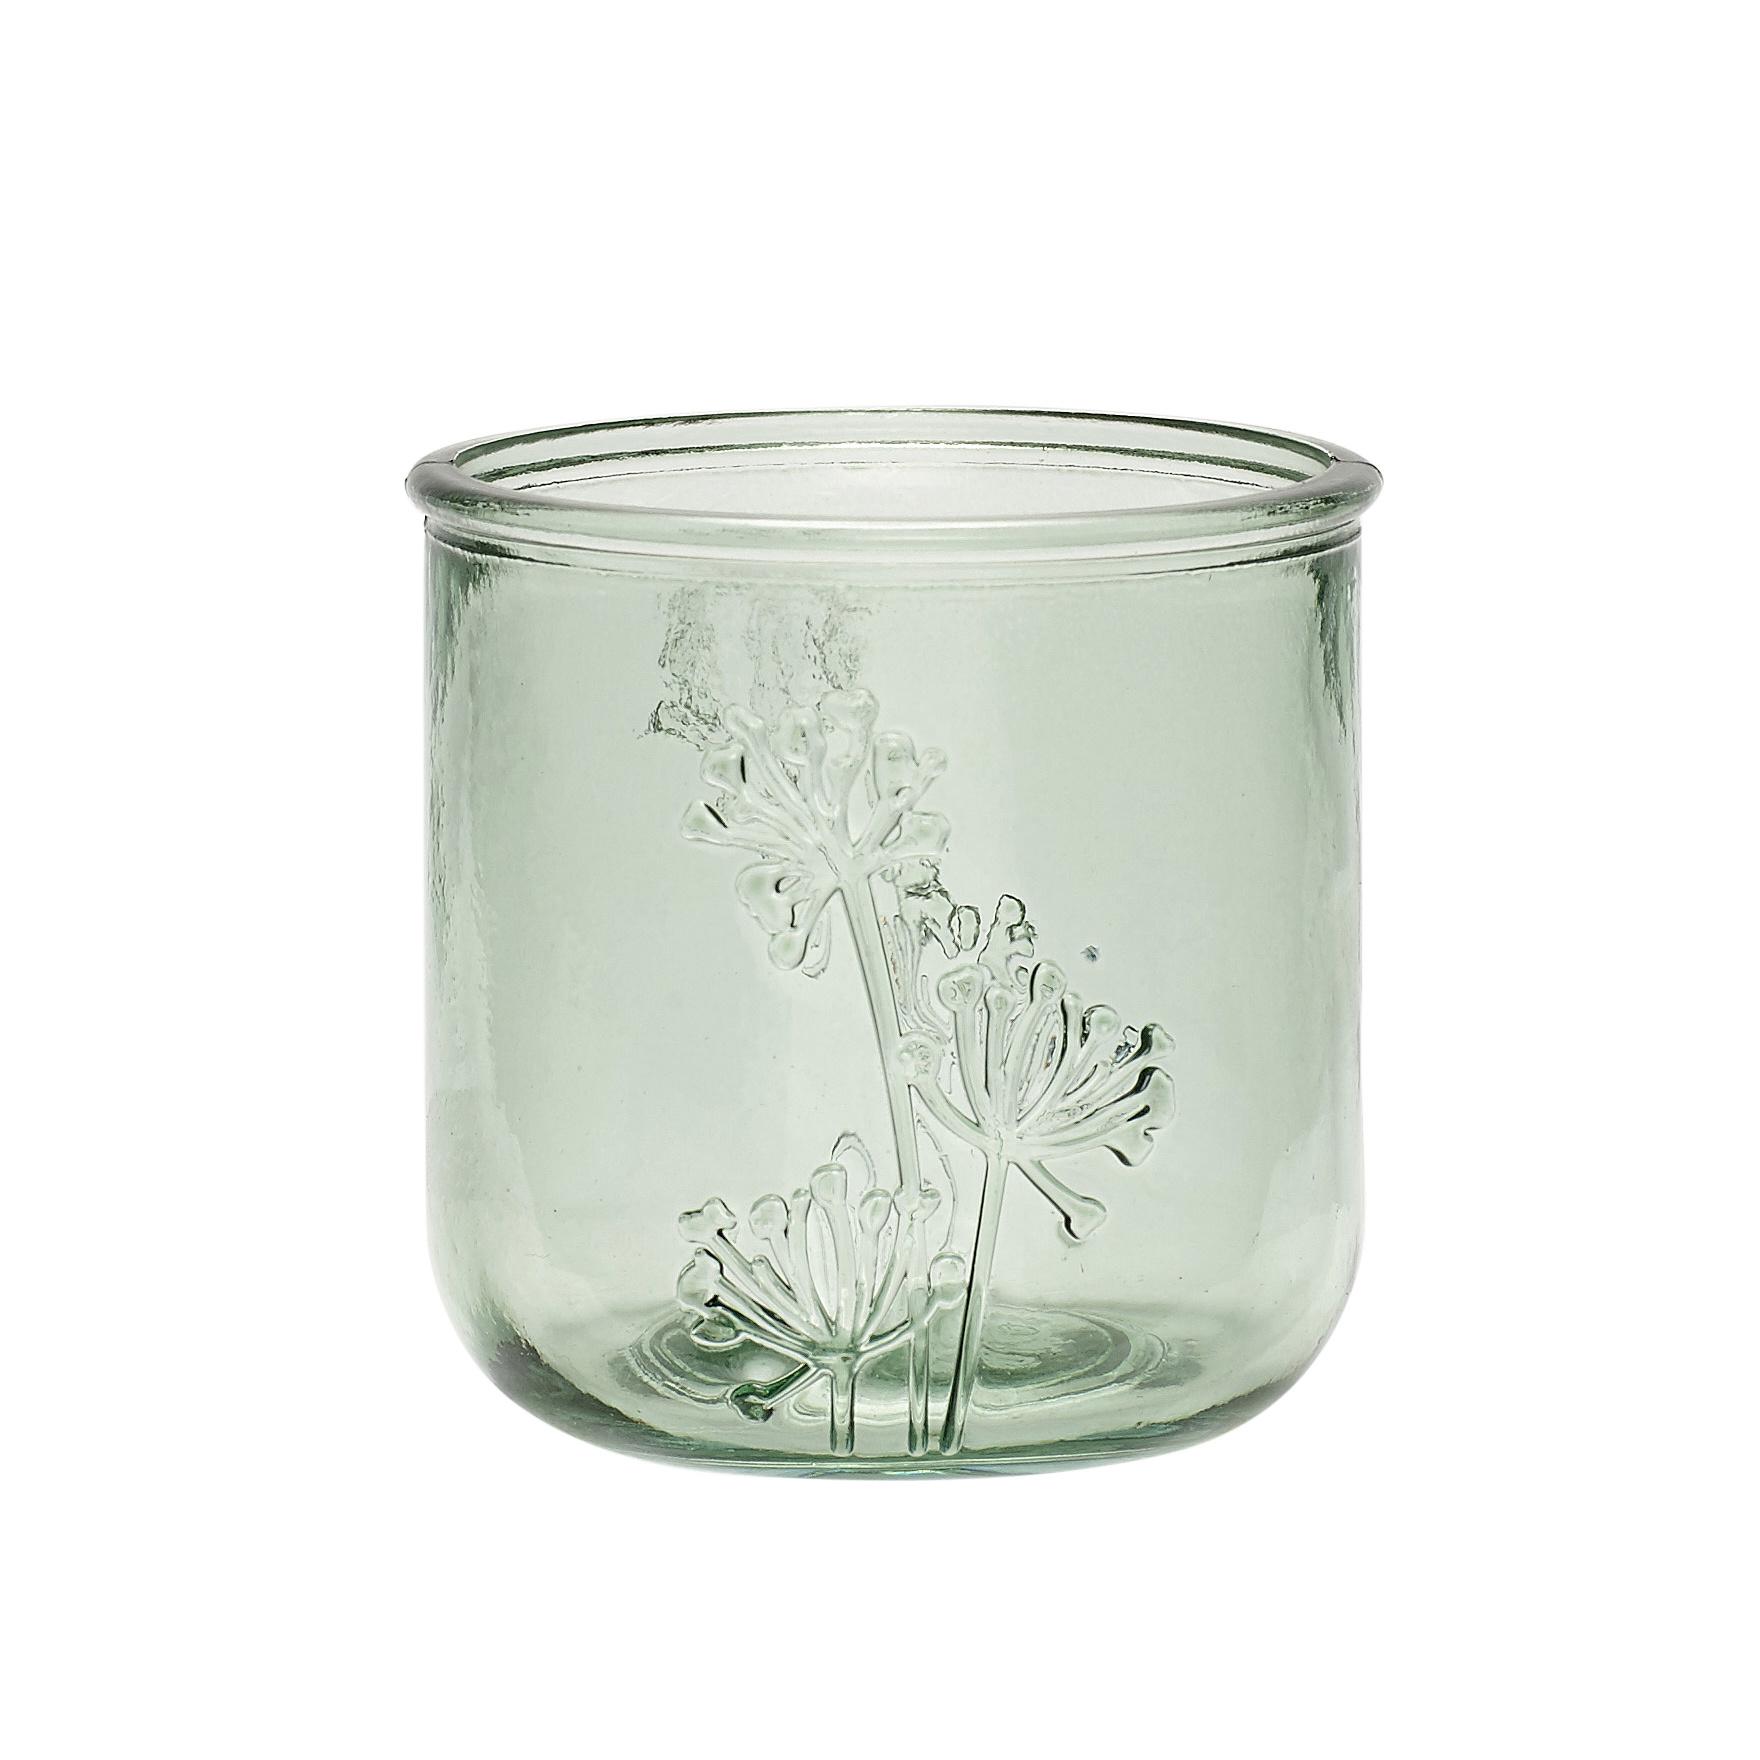 Hubsch Theelichtglas, gerecycled glas, groen-690106-5712772070345